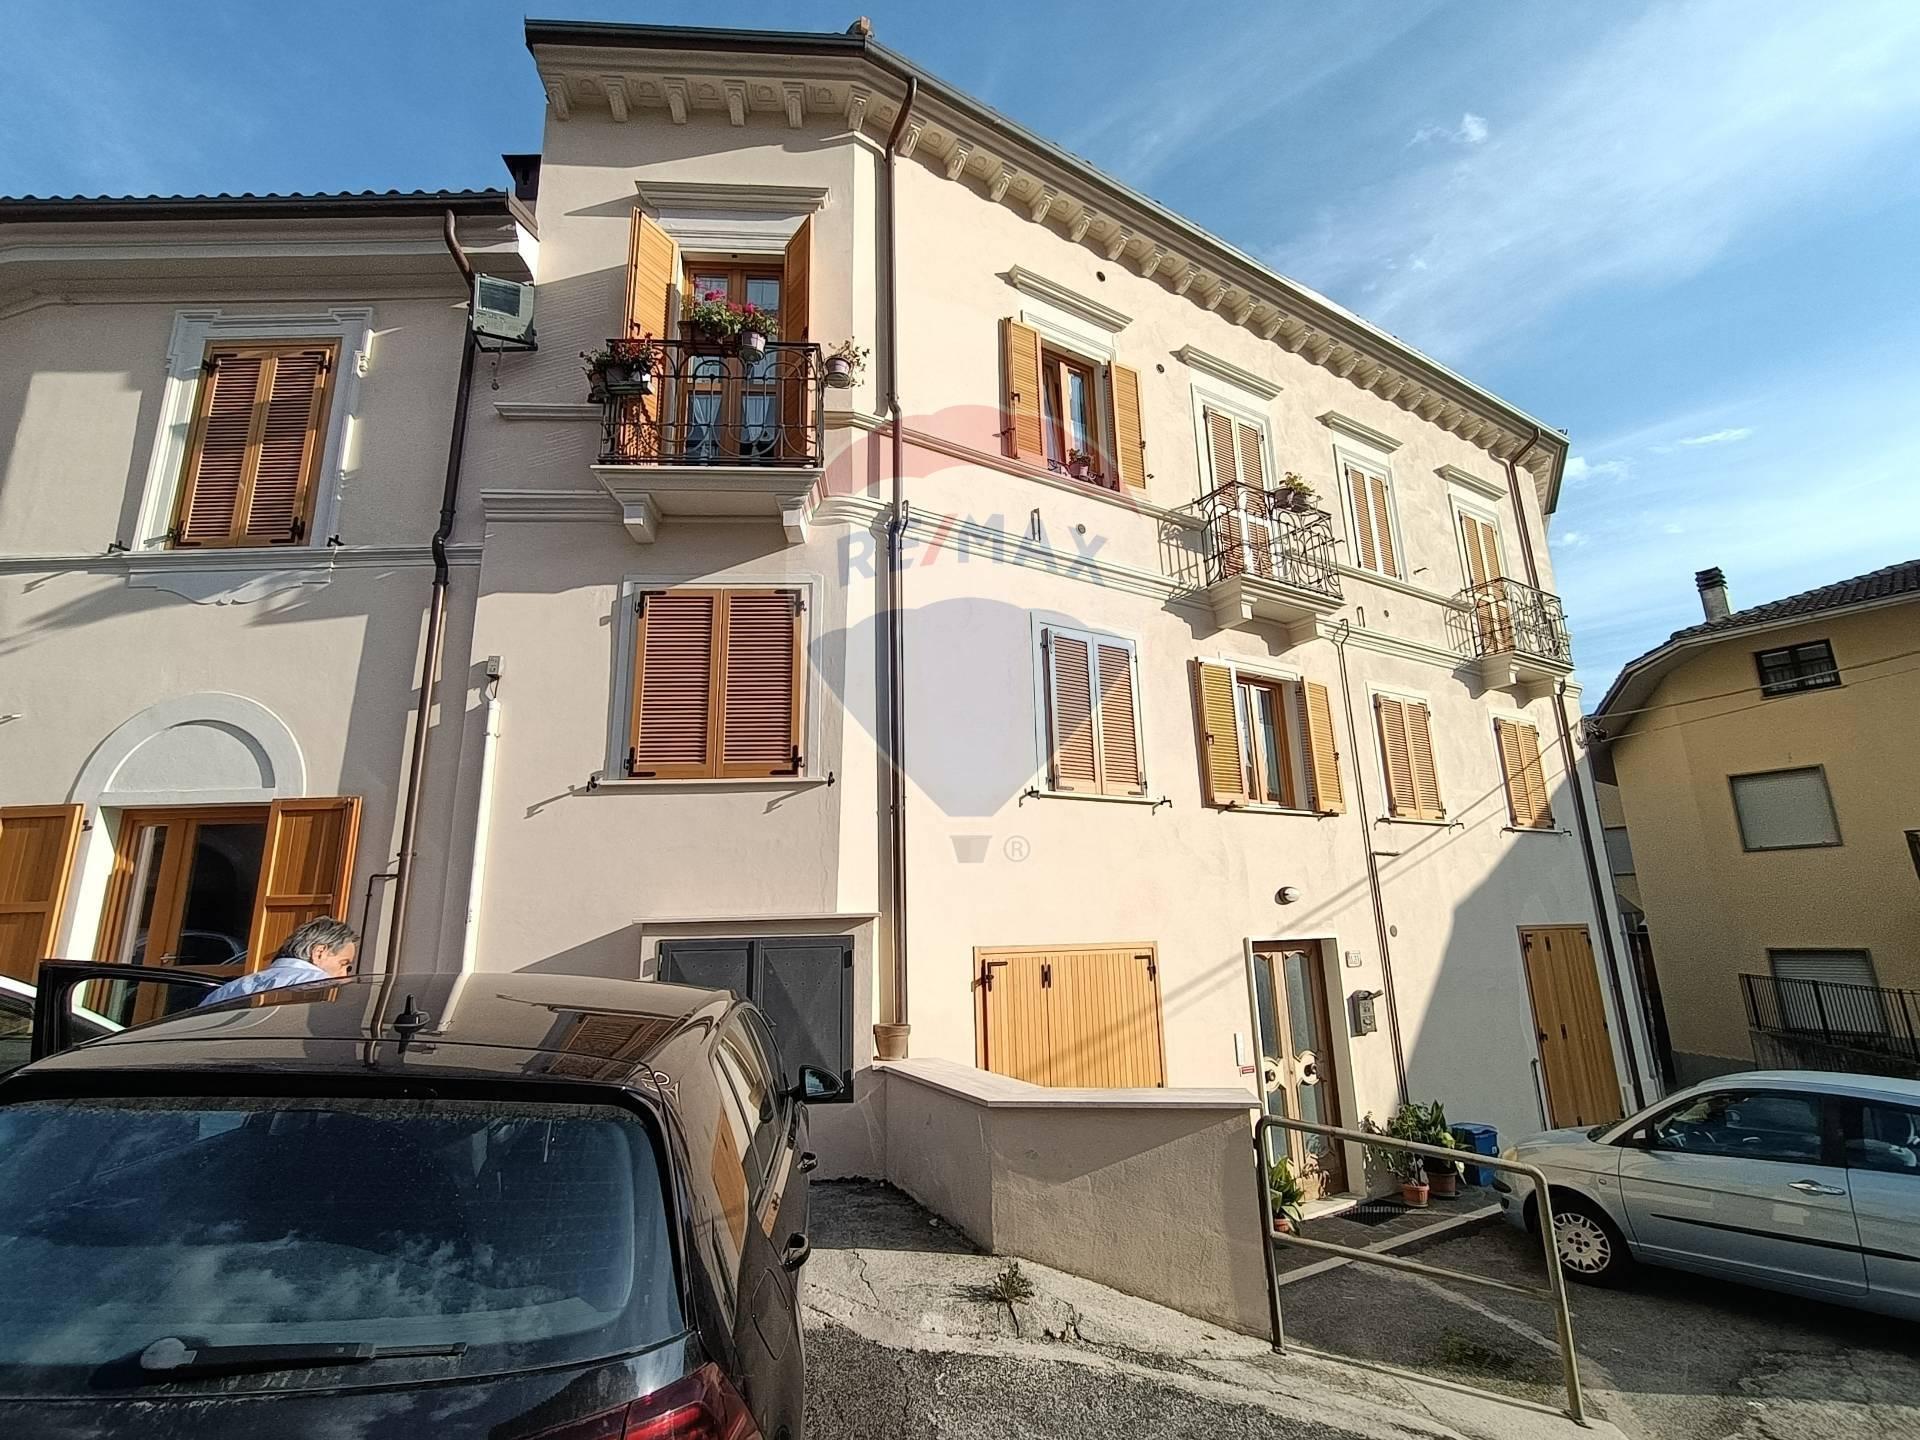 Appartamento in affitto a Pizzoli, 5 locali, zona Località: BivioPizzoli, prezzo € 500 | CambioCasa.it